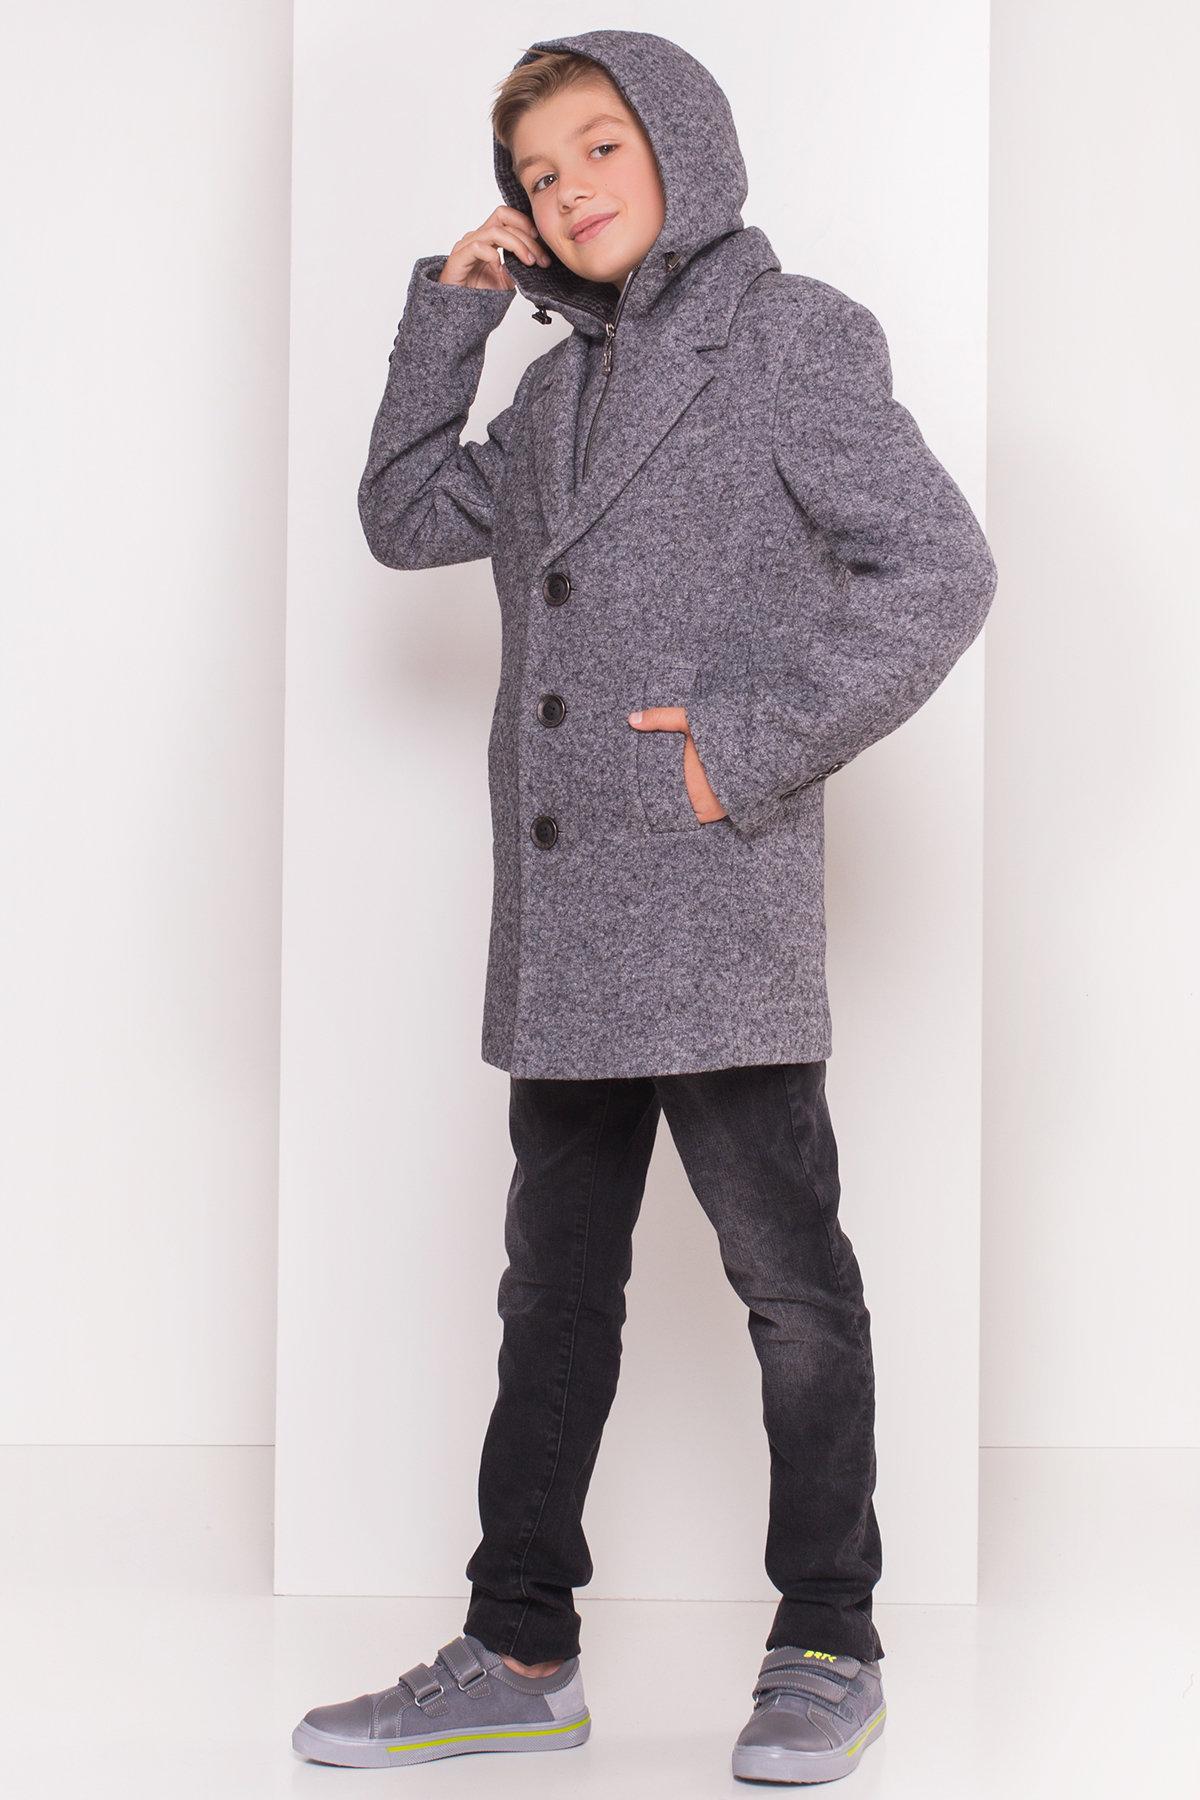 Пальто детское Джордж 5312 Цвет: Серый Темный LW-5